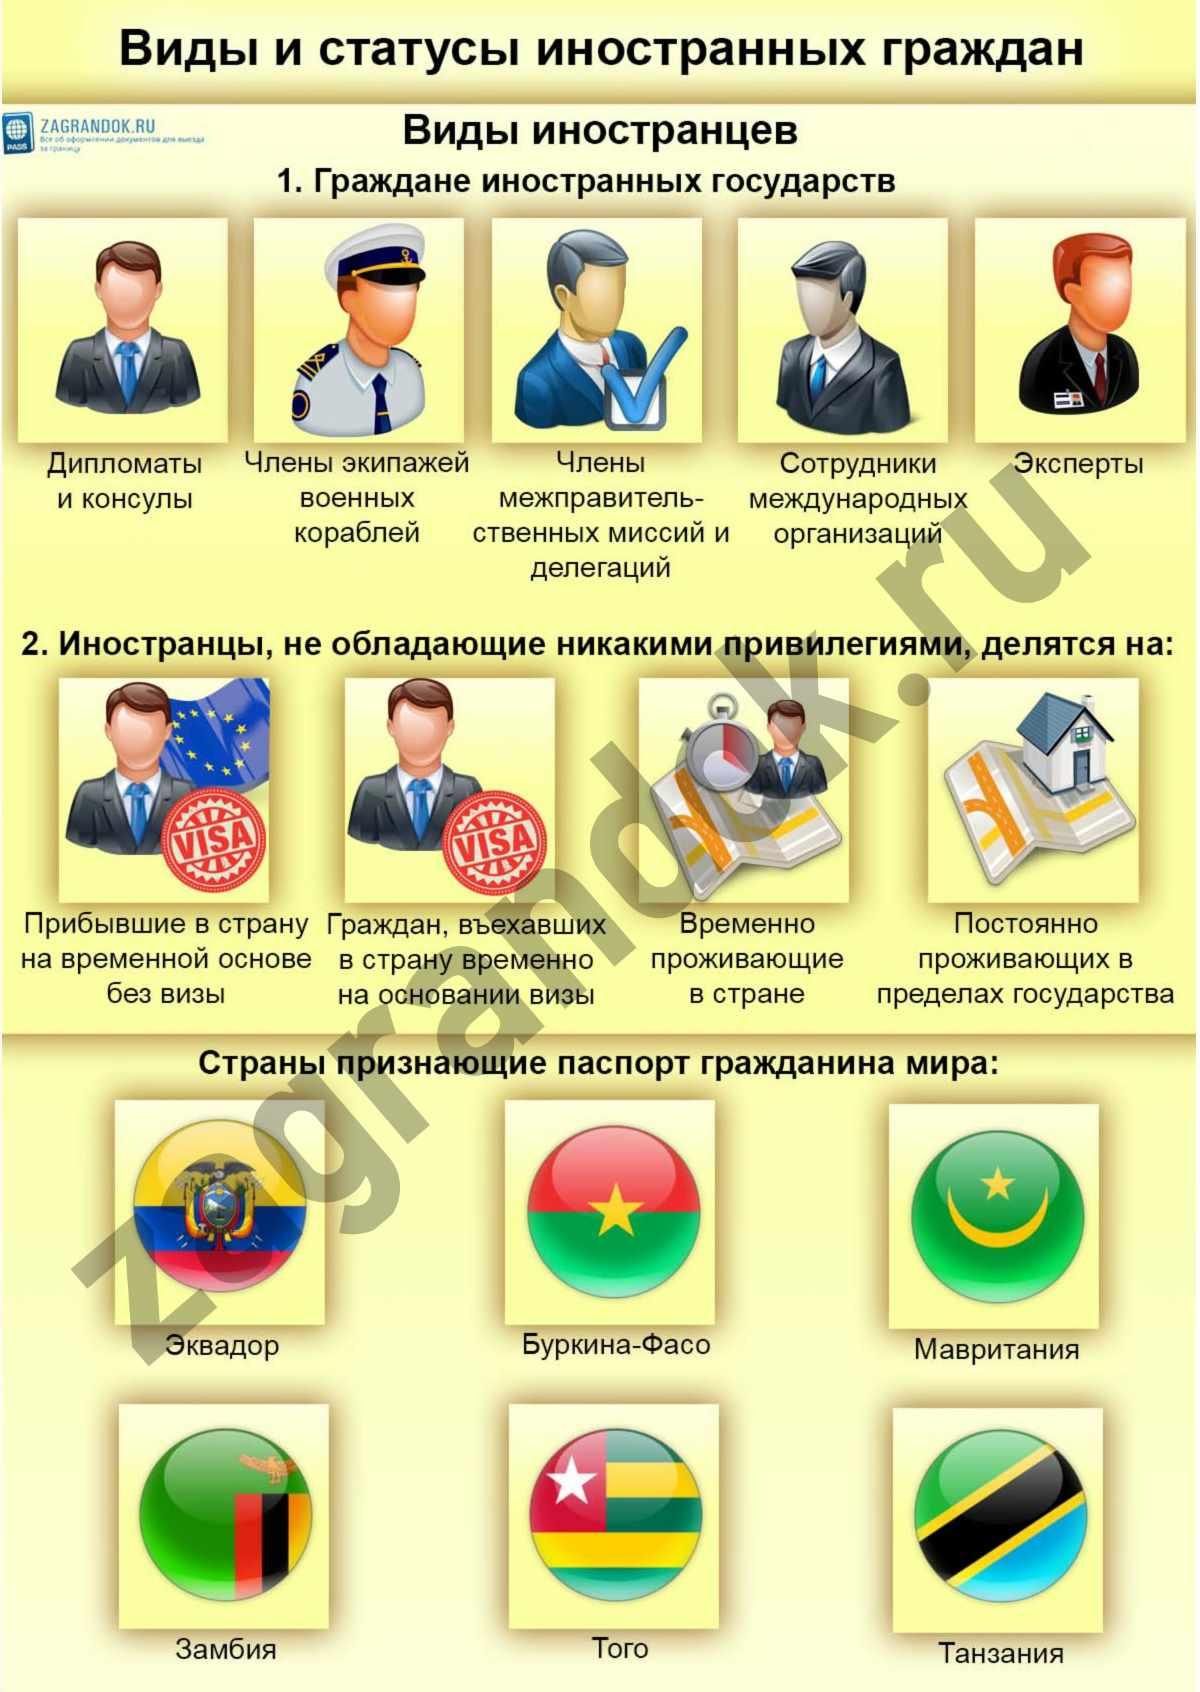 Виды и статусы иностранных граждан